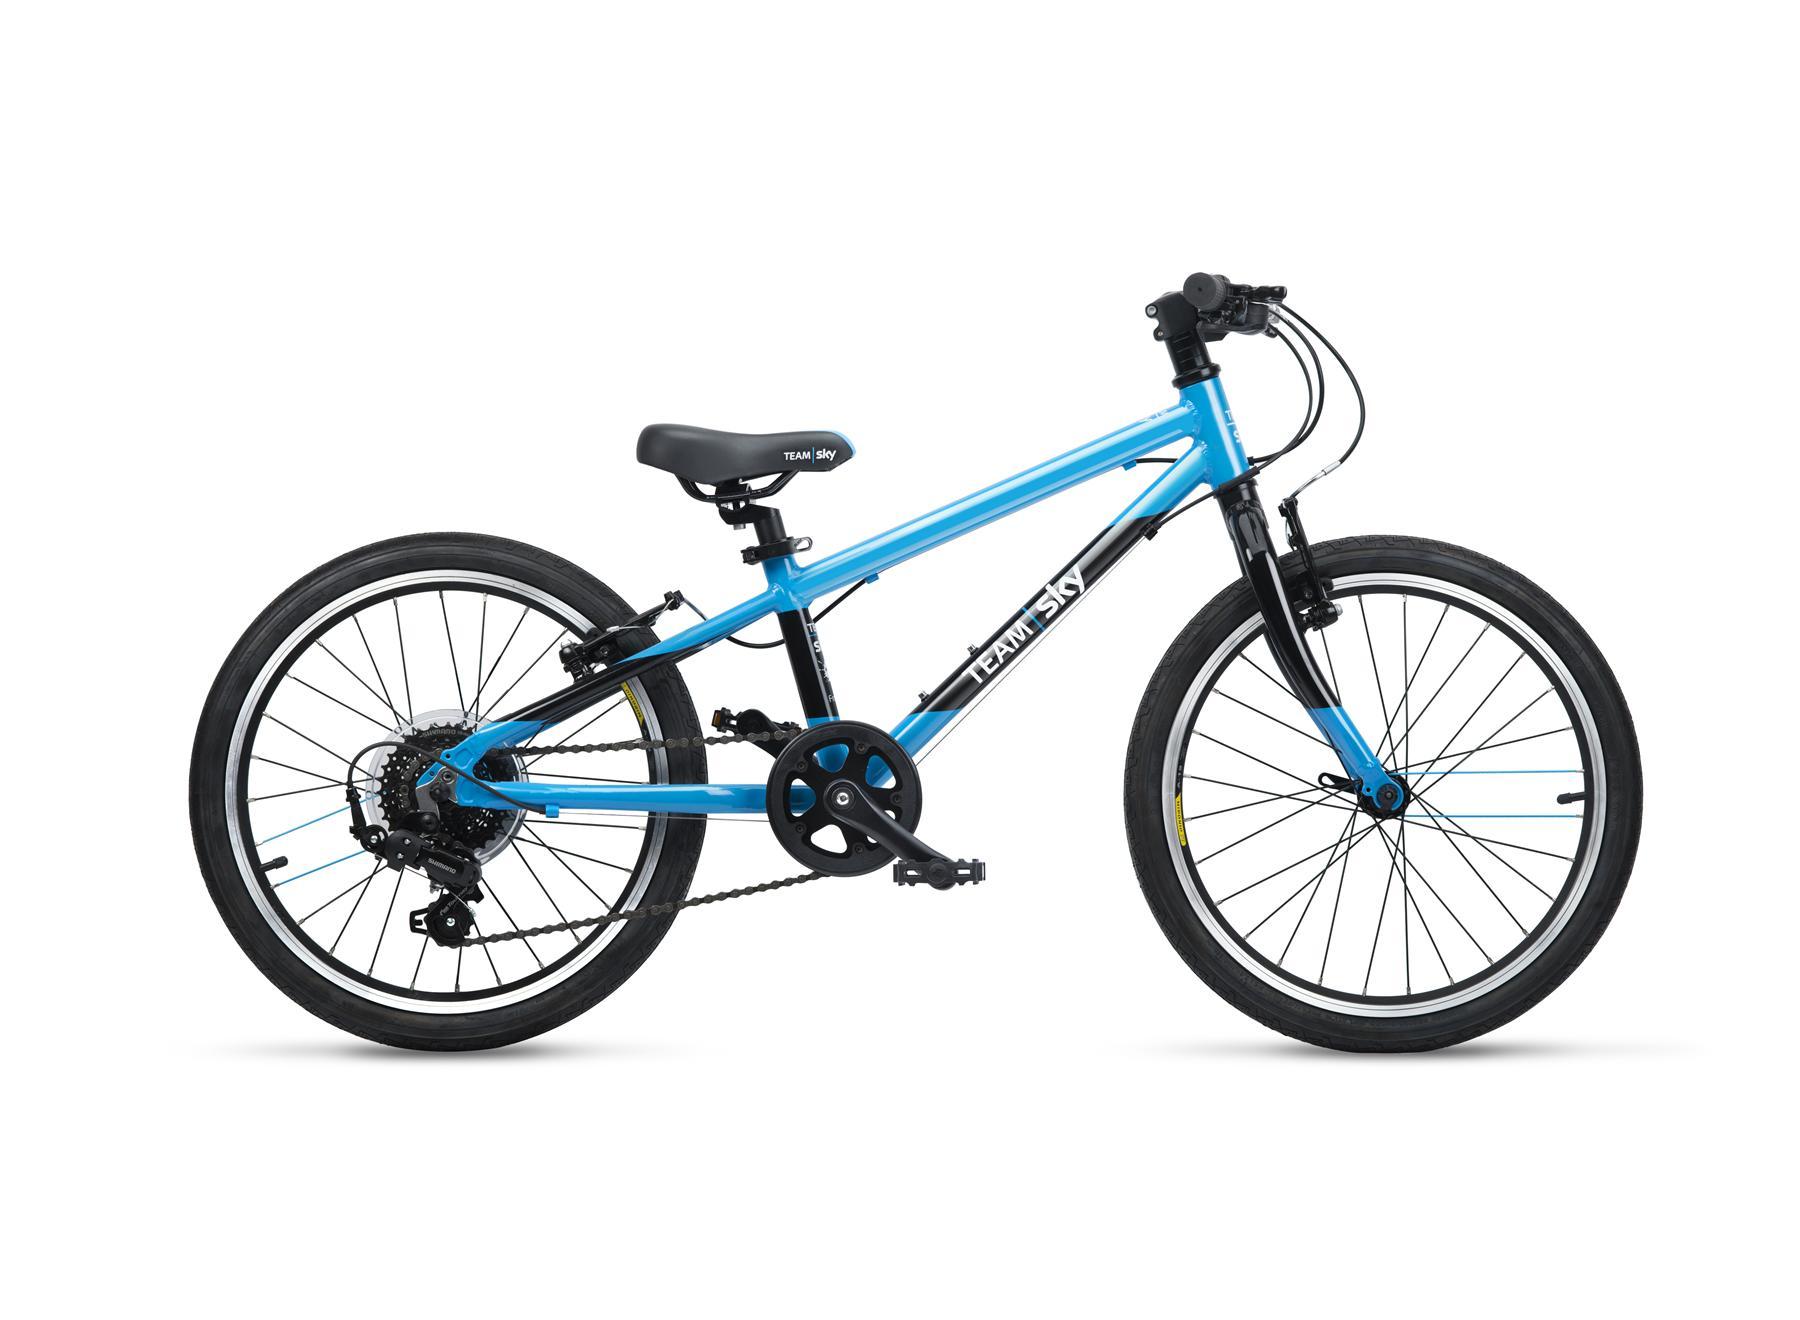 Frog Bikes 55 lastenpyörä 20- rengas. 8-vaihdetta.